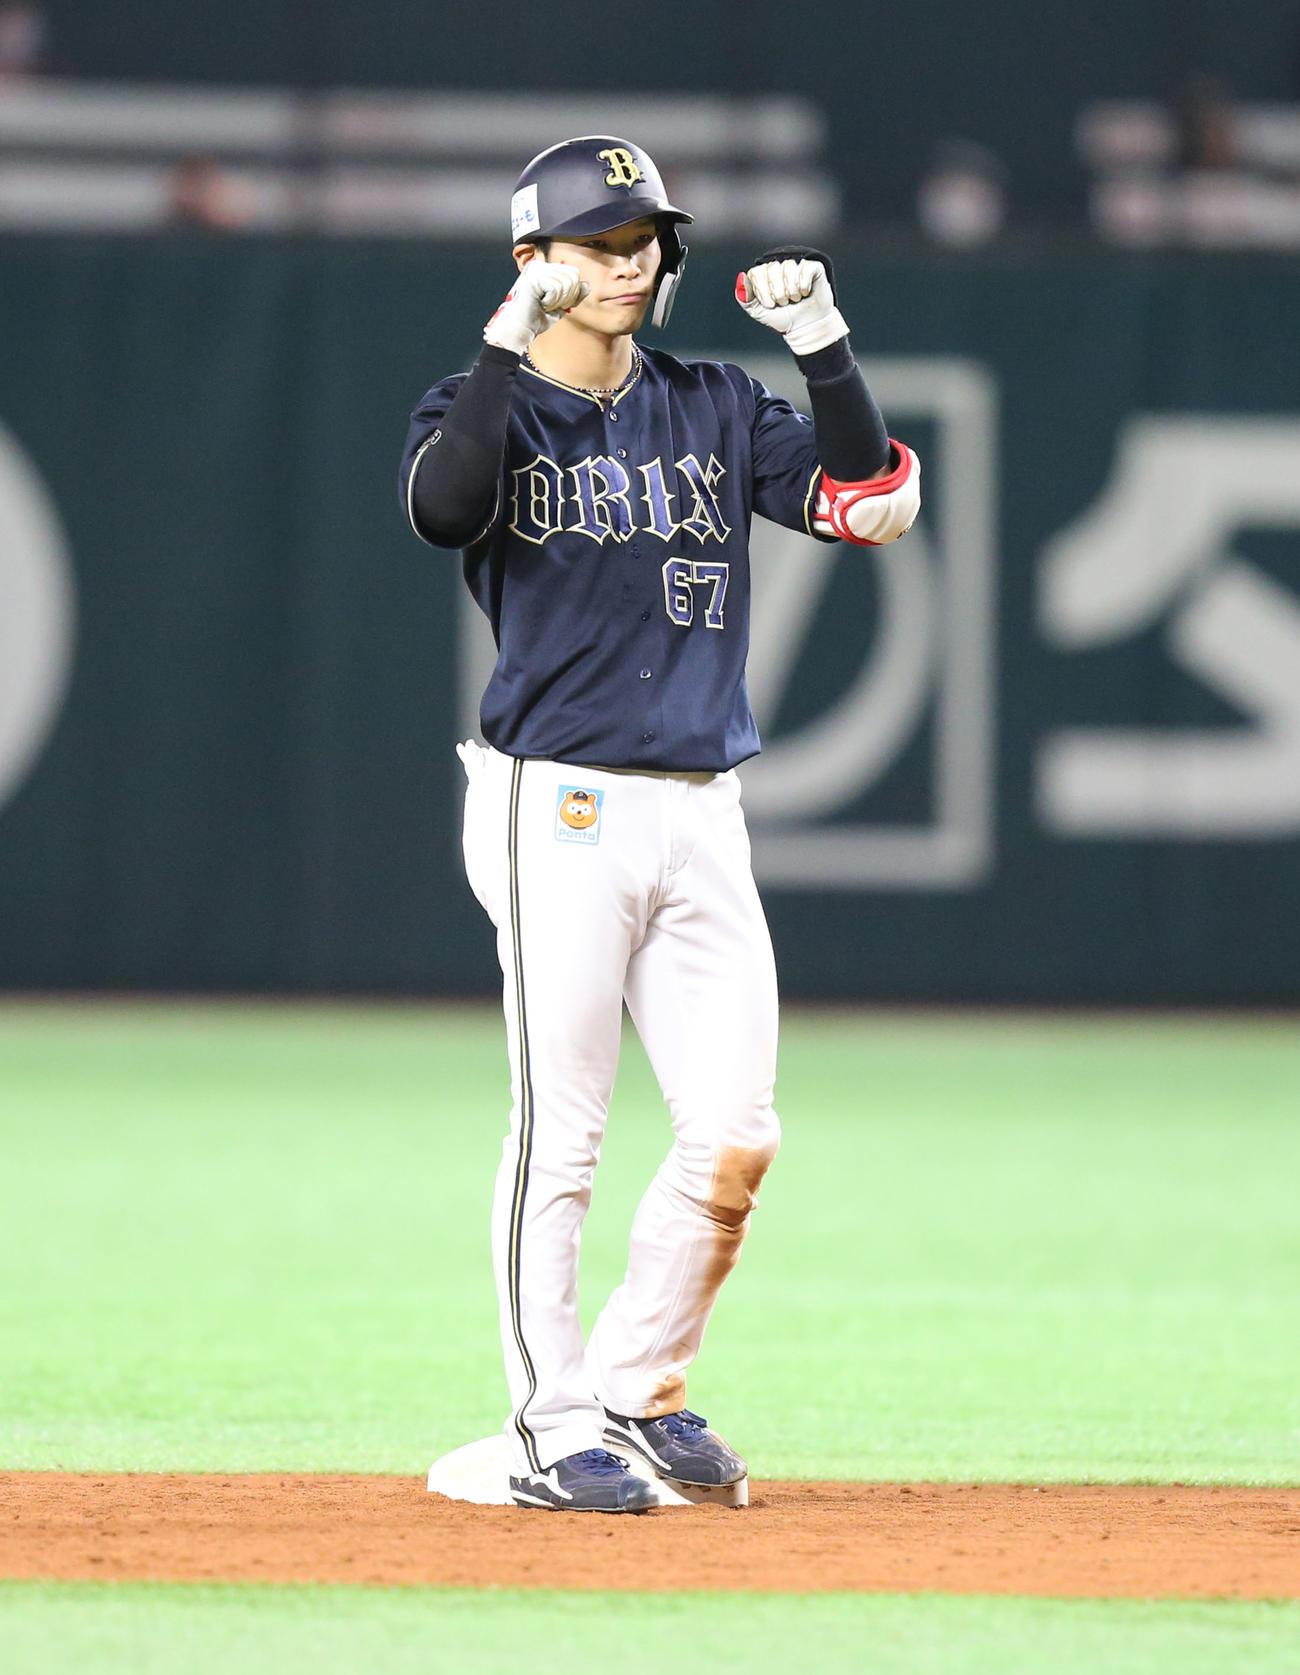 ソフトバンク対オリックス 9回表オリックス1死満塁塁、中川圭太は中越えの2点適時二塁打を放ちガッツポーズをする